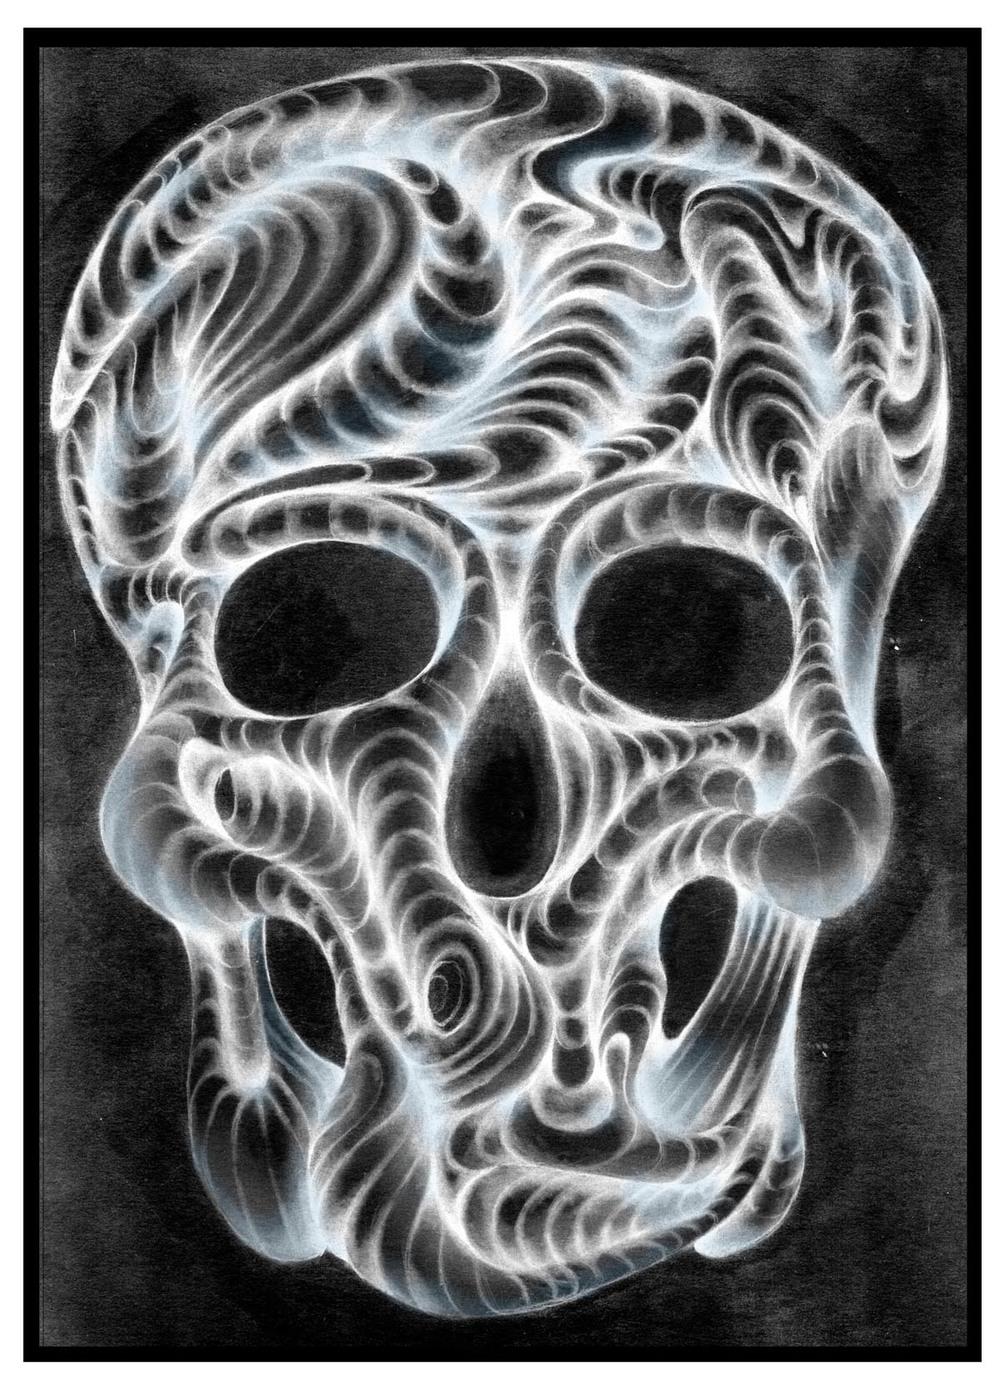 Skull1 inverse web.jpg